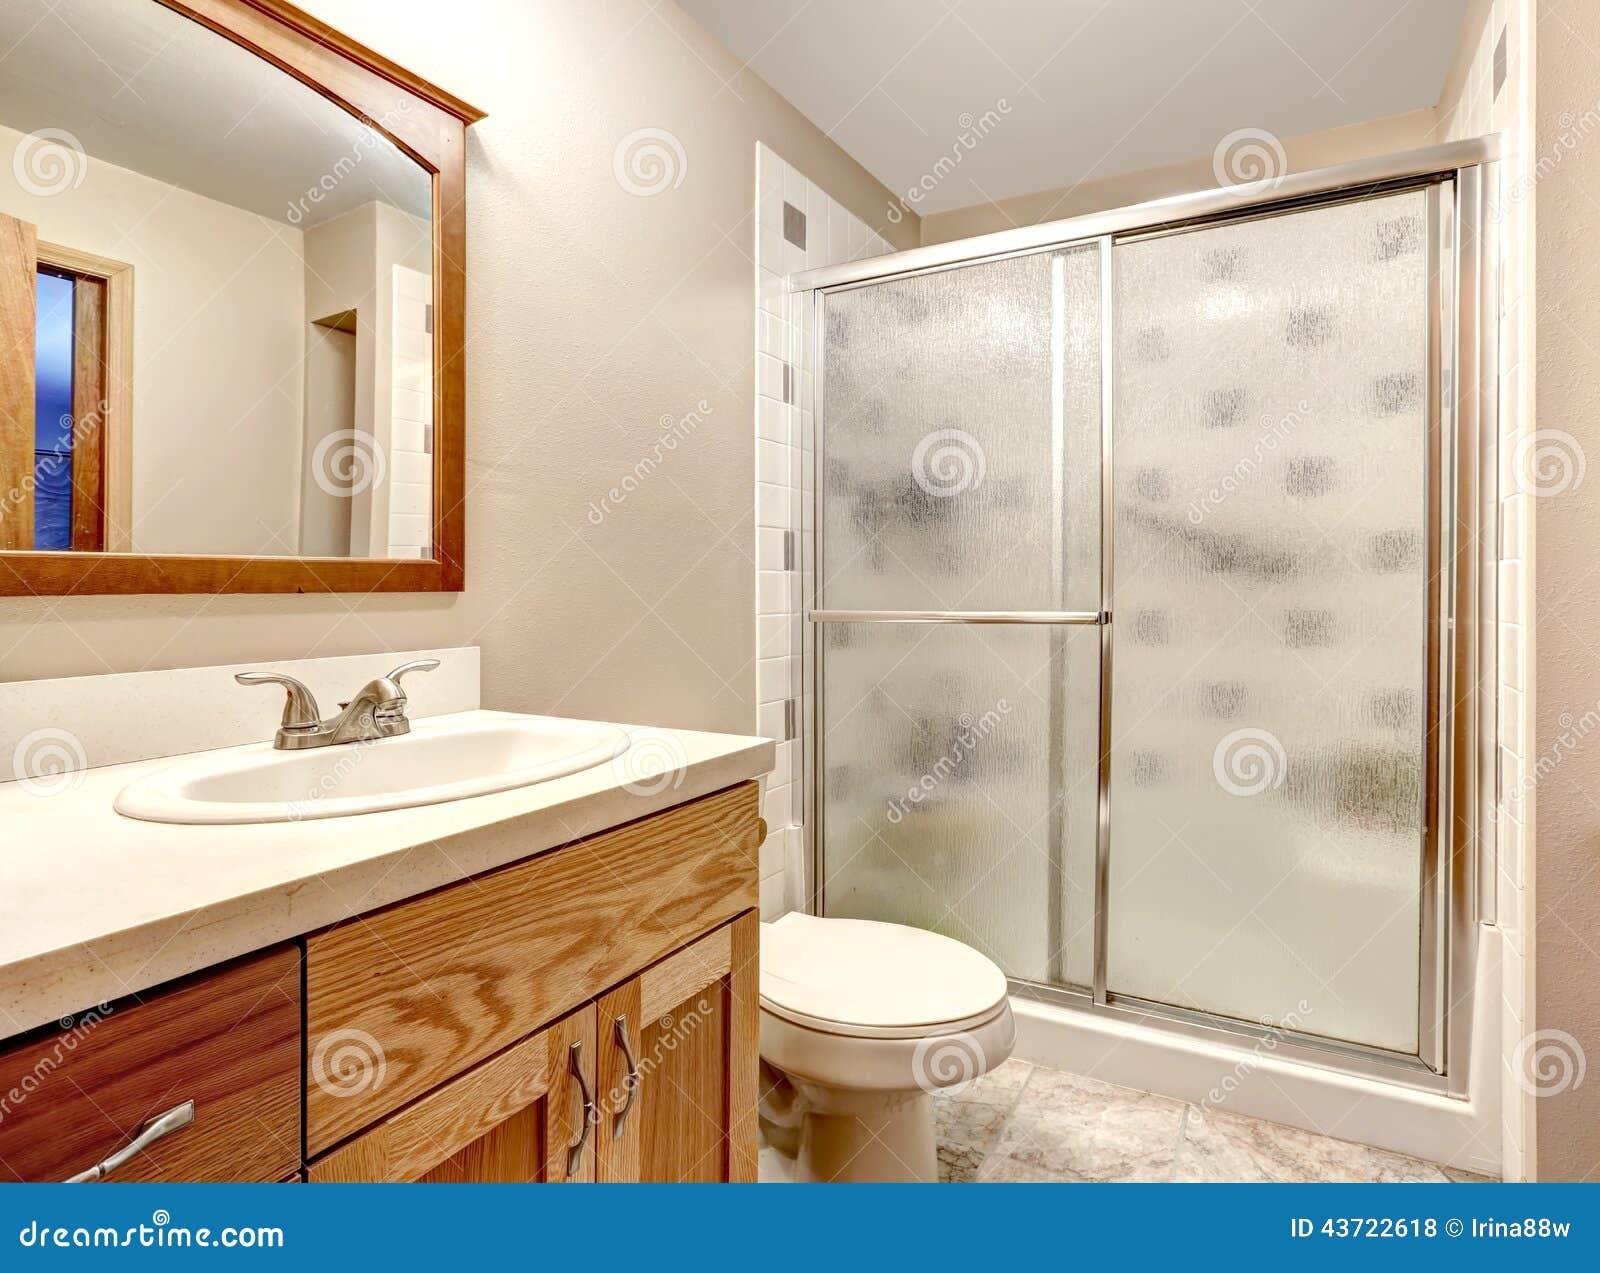 Bagno In Camera Con Vetrata : Interiore della stanza da bagno doccia di vetro della porta